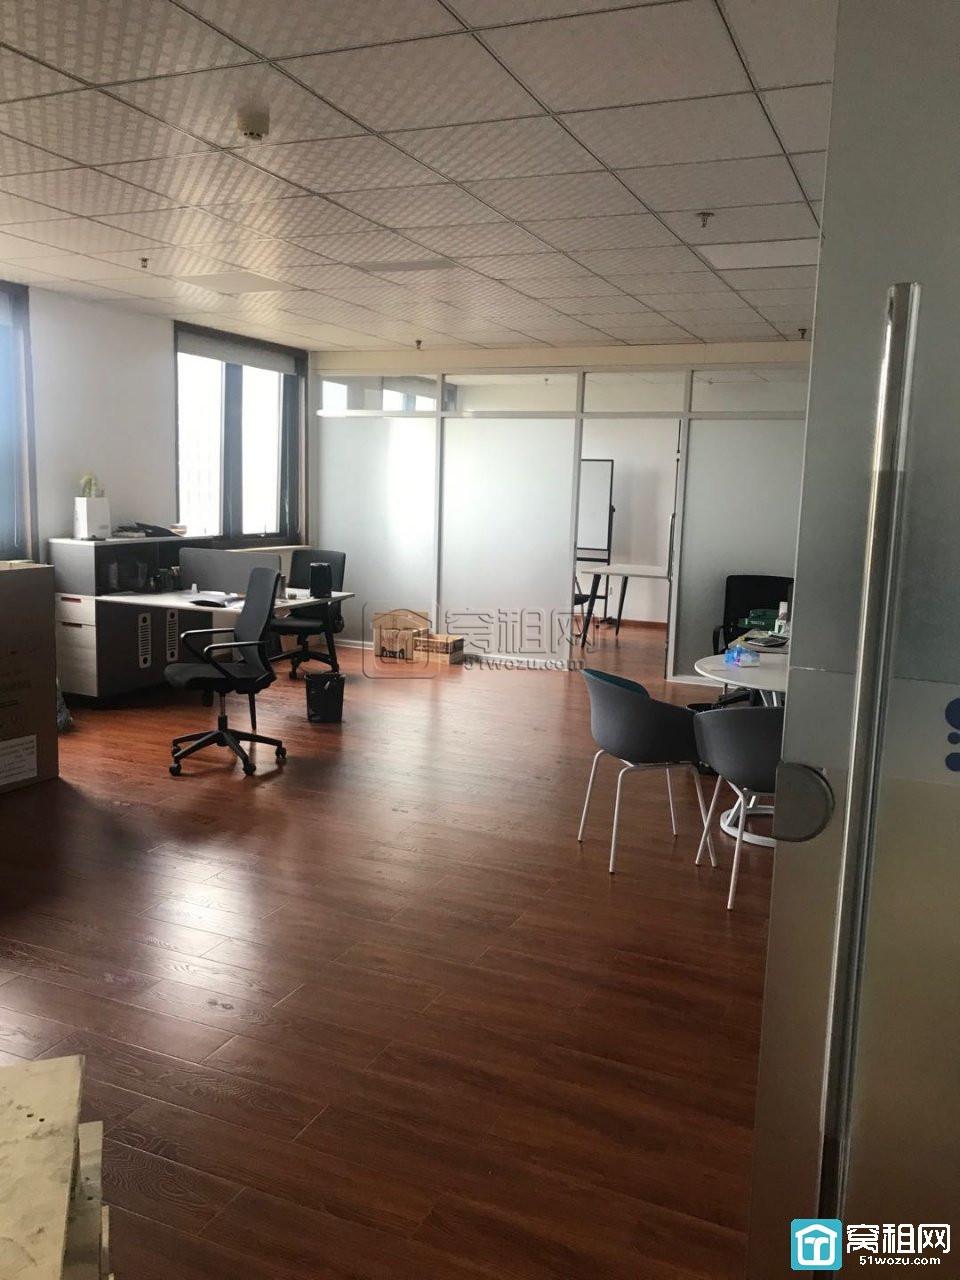 高新区研发园区电梯口朝南140平方办公室出租